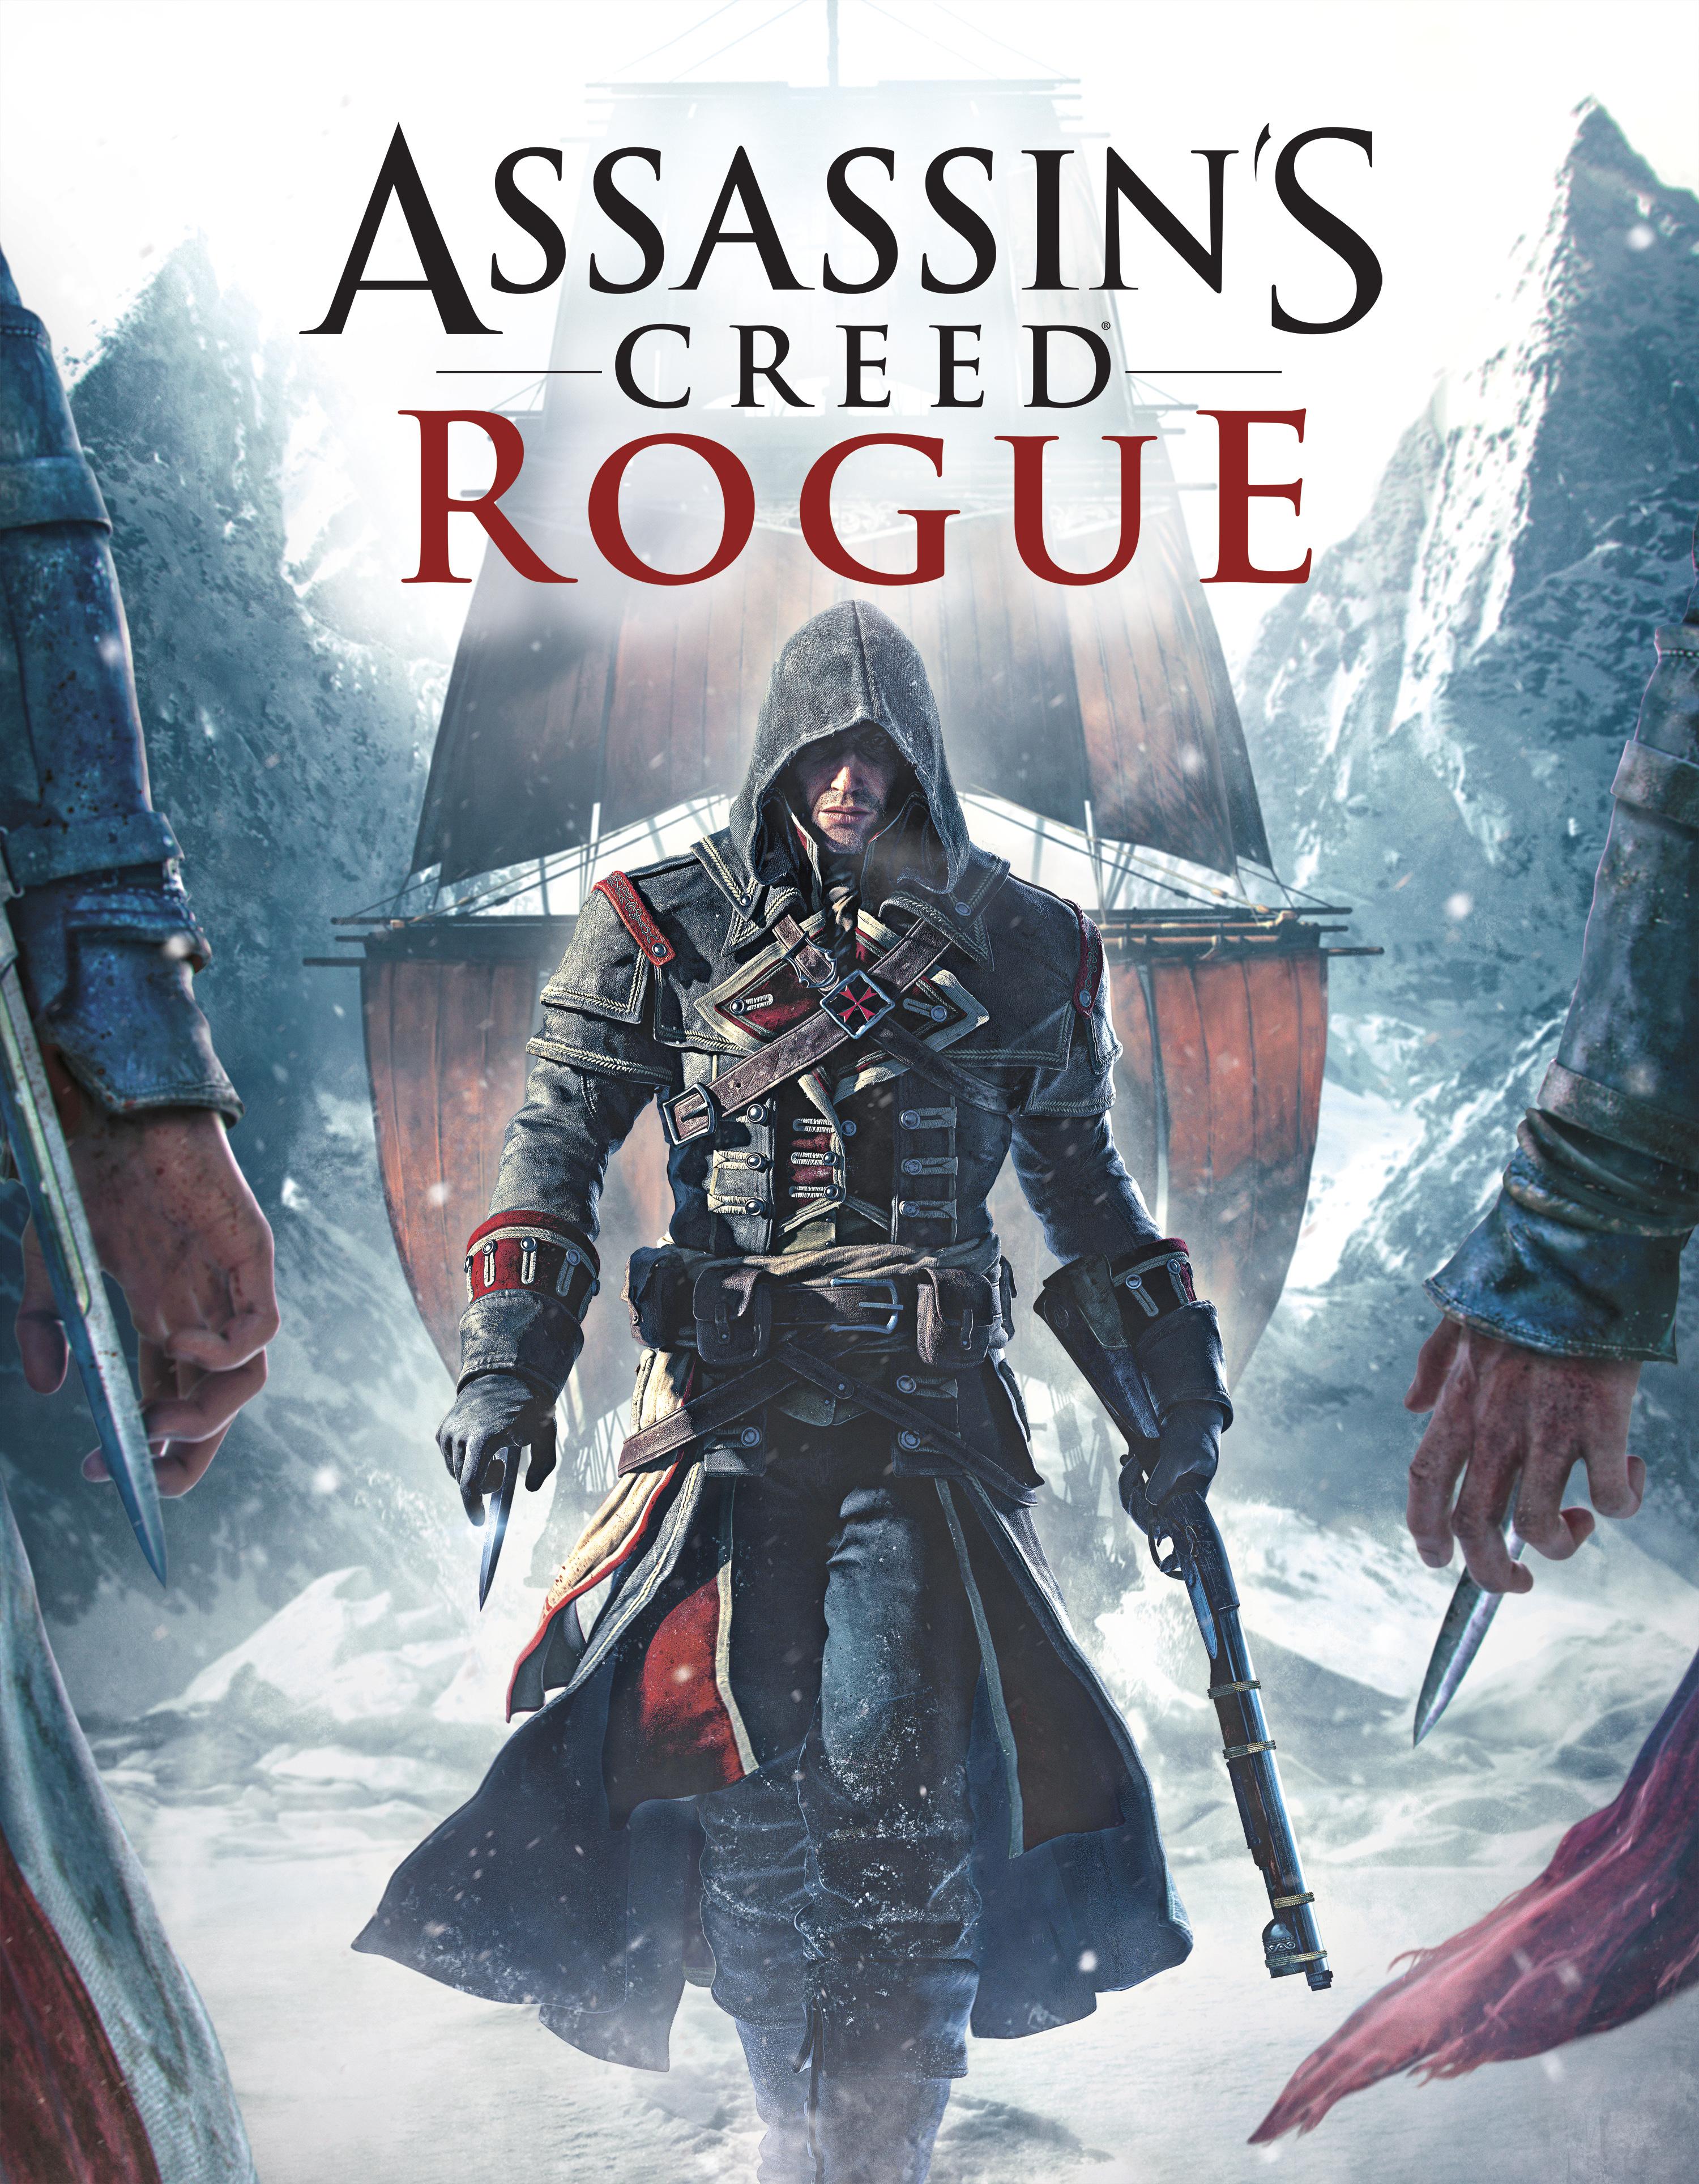 Assassin's Creed Rogue Assassin's_Creed_Rogue_-_Cover_Art